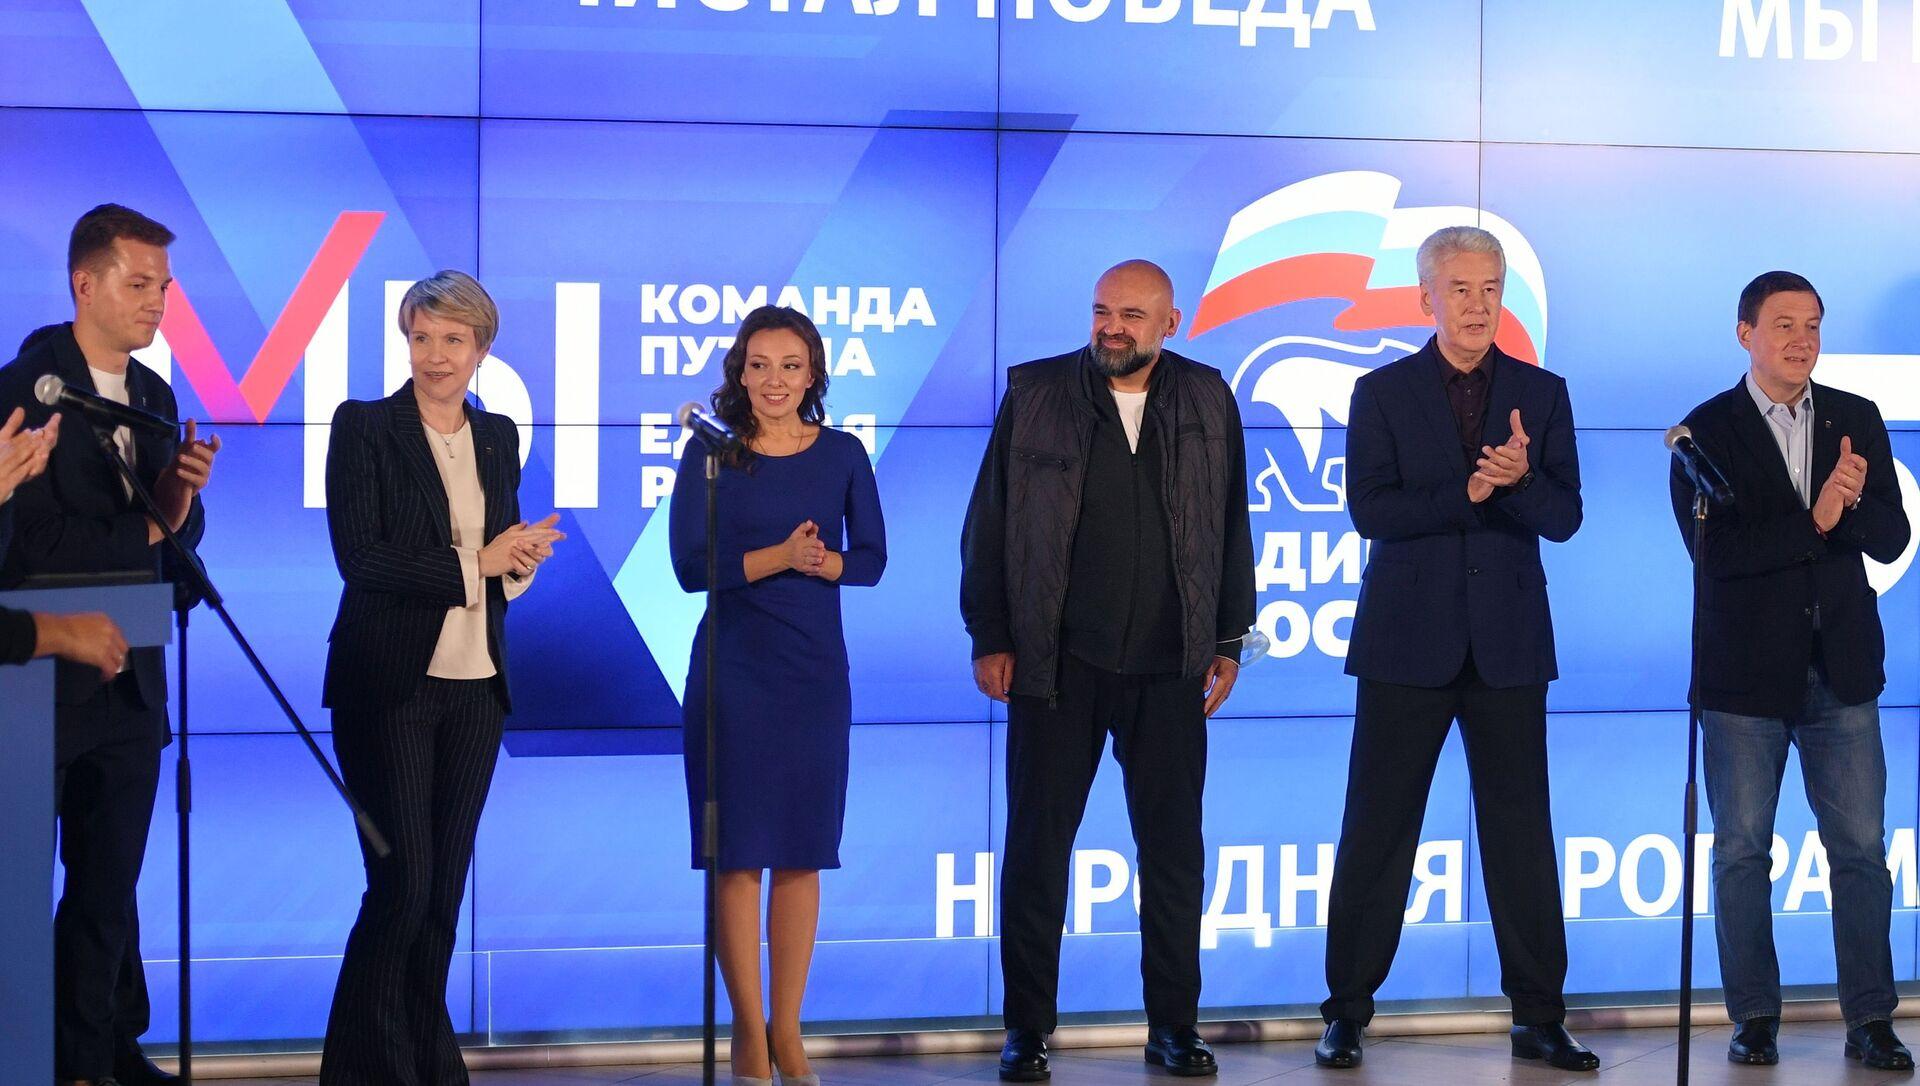 Các thành viên đảng Nước Nga thống nhất vào cuối ngày bỏ phiếu duy nhất tại cuộc bầu cử Duma Quốc gia LB Nga ở Moskva. - Sputnik Việt Nam, 1920, 21.09.2021